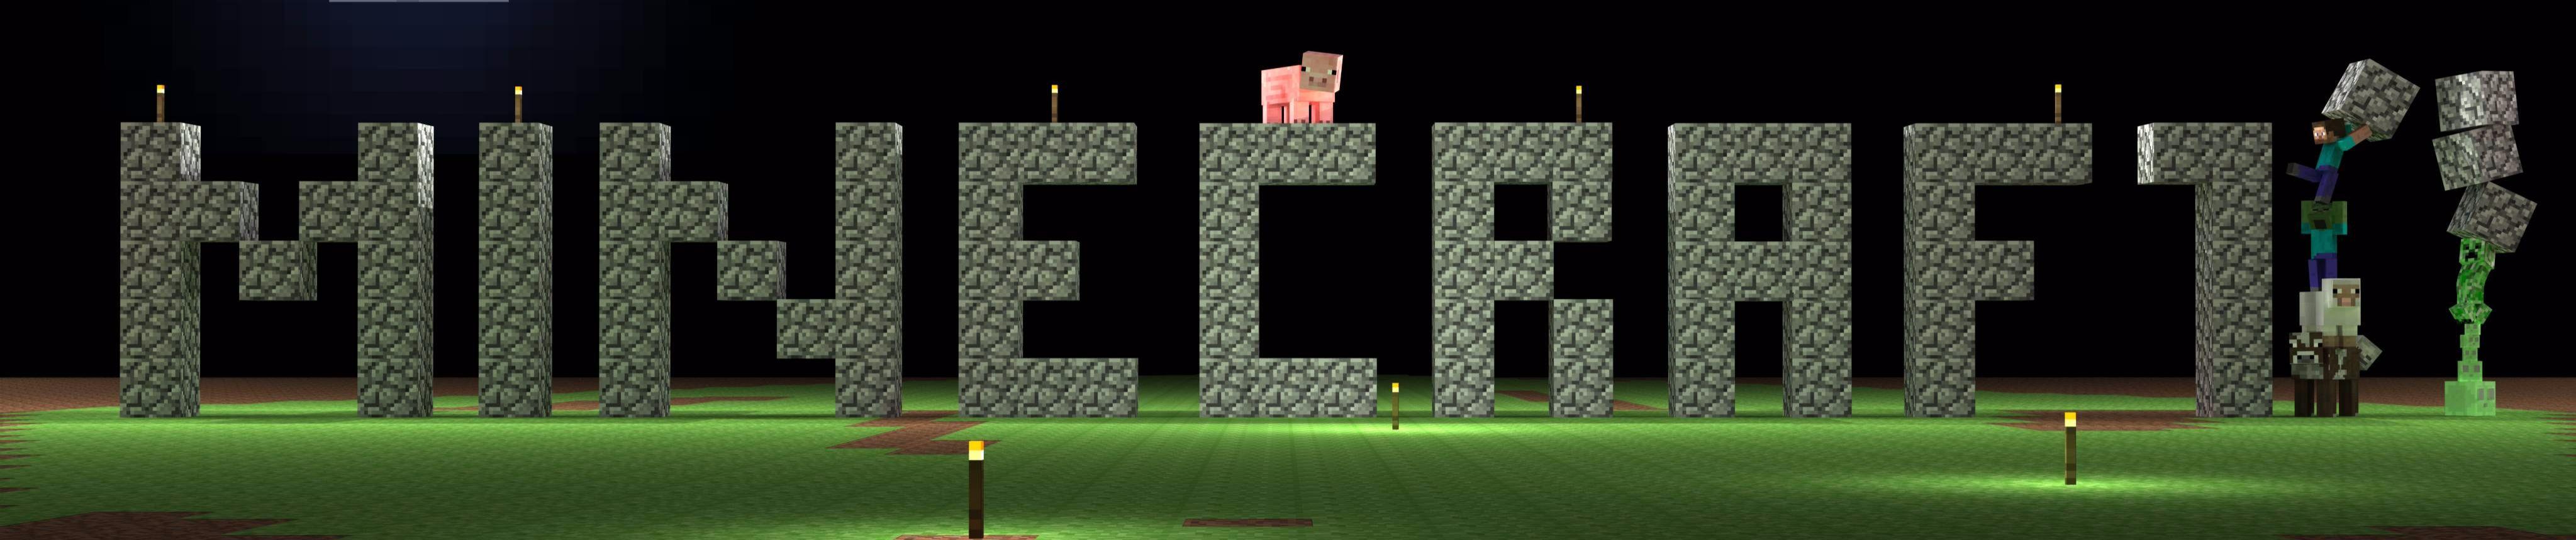 Background Music by Minecraft Soundtrack